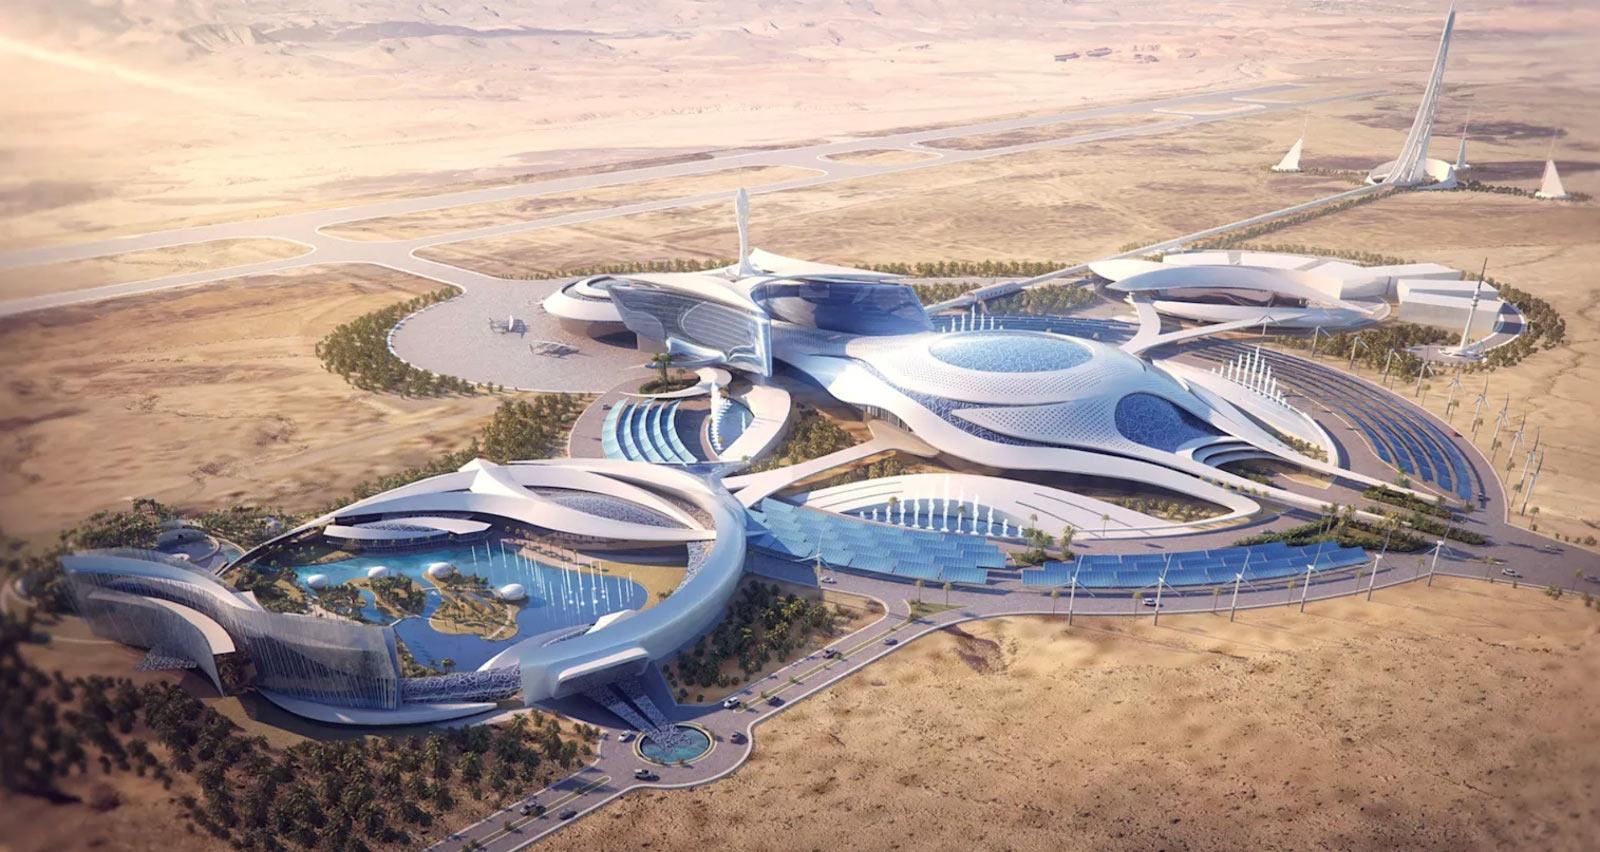 Саудовская Аравия собирается вложить $1 млрд в космический туризм Virgin